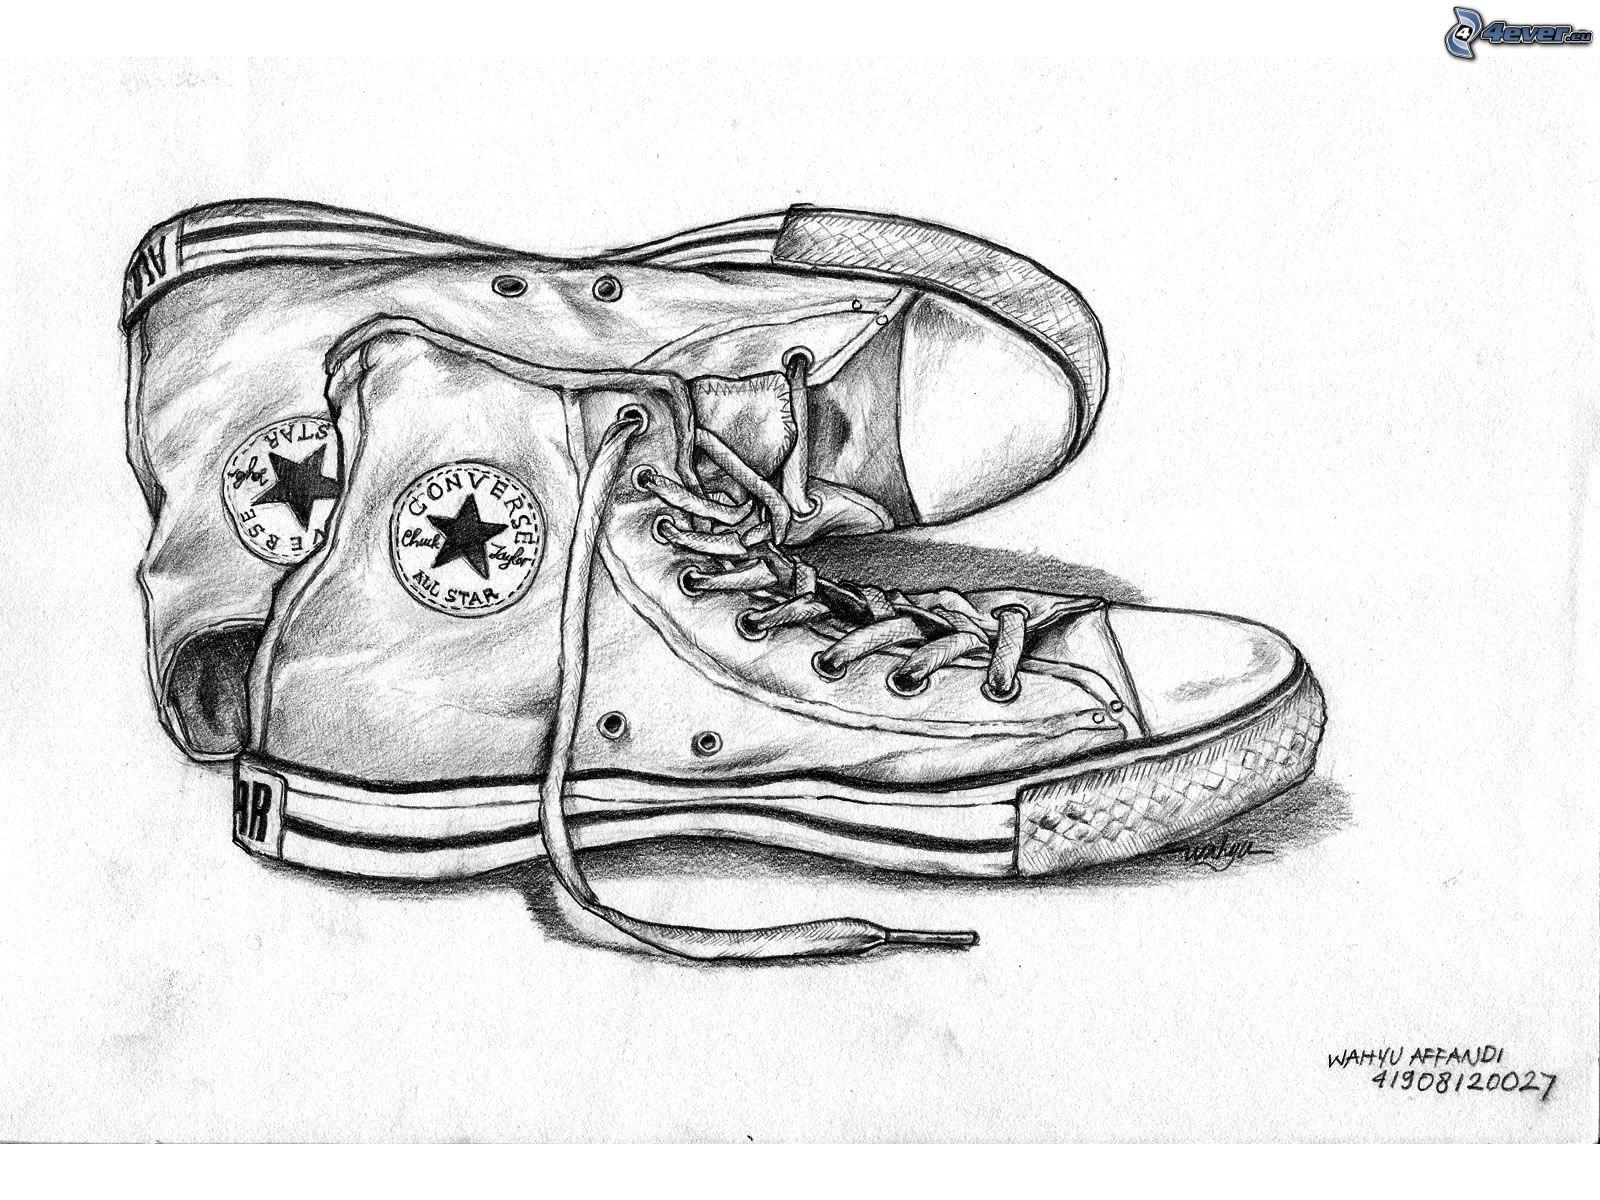 Converse Mistral Originales Zapatos At Wqxahz0fn Online Dibujo Tenis 4cLj35AqR